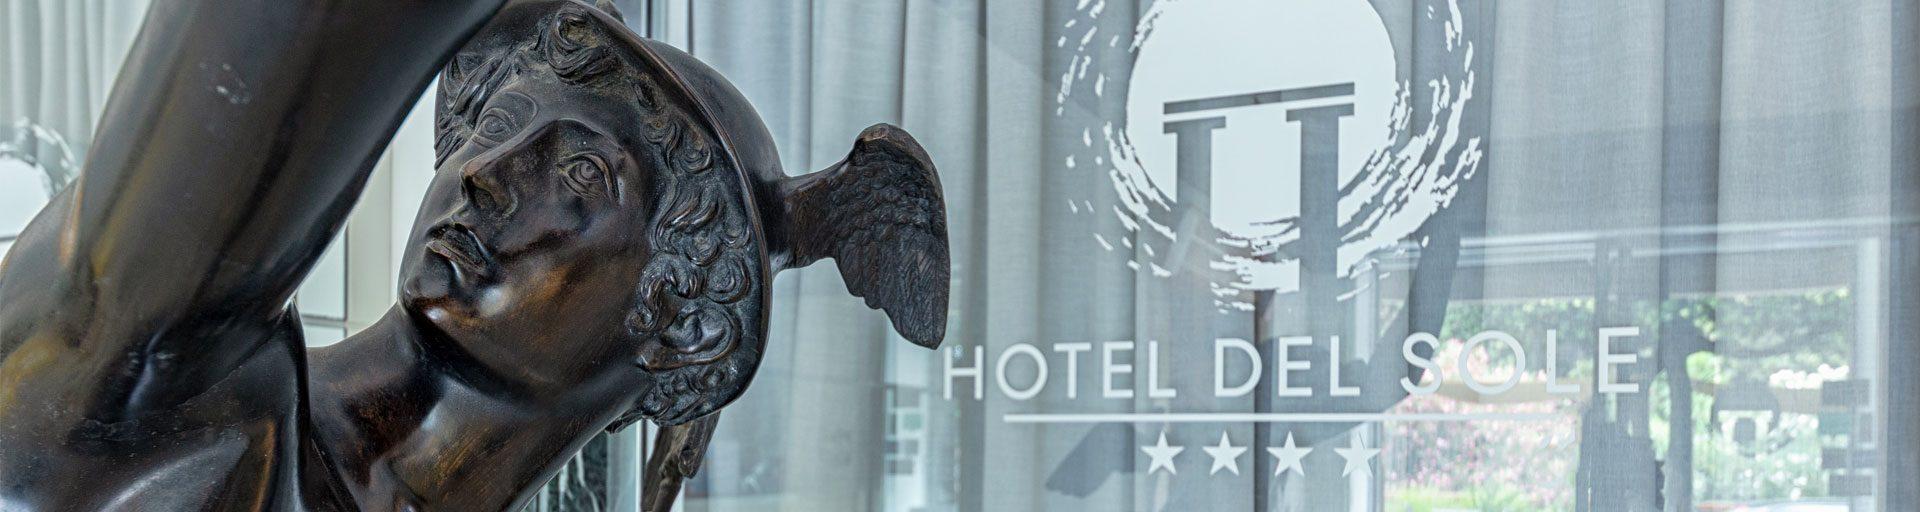 Services Hotel del Sole